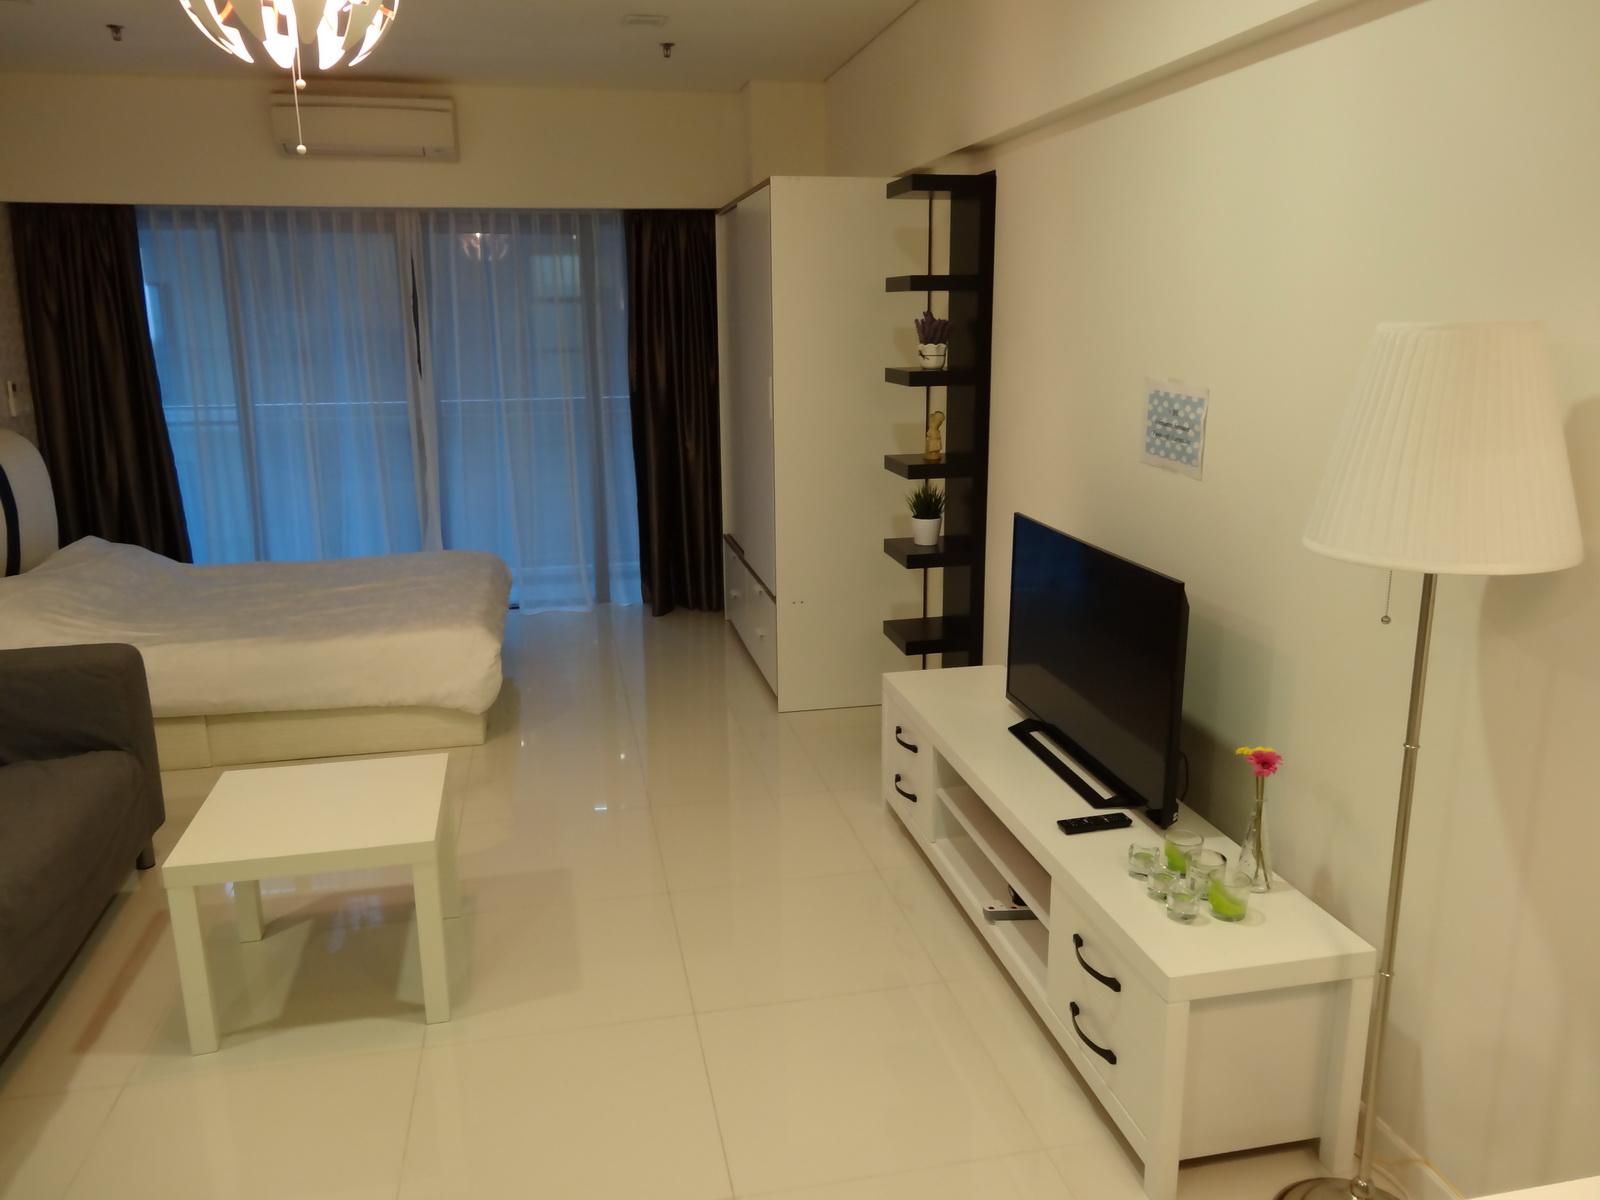 03 KL Apartment 04